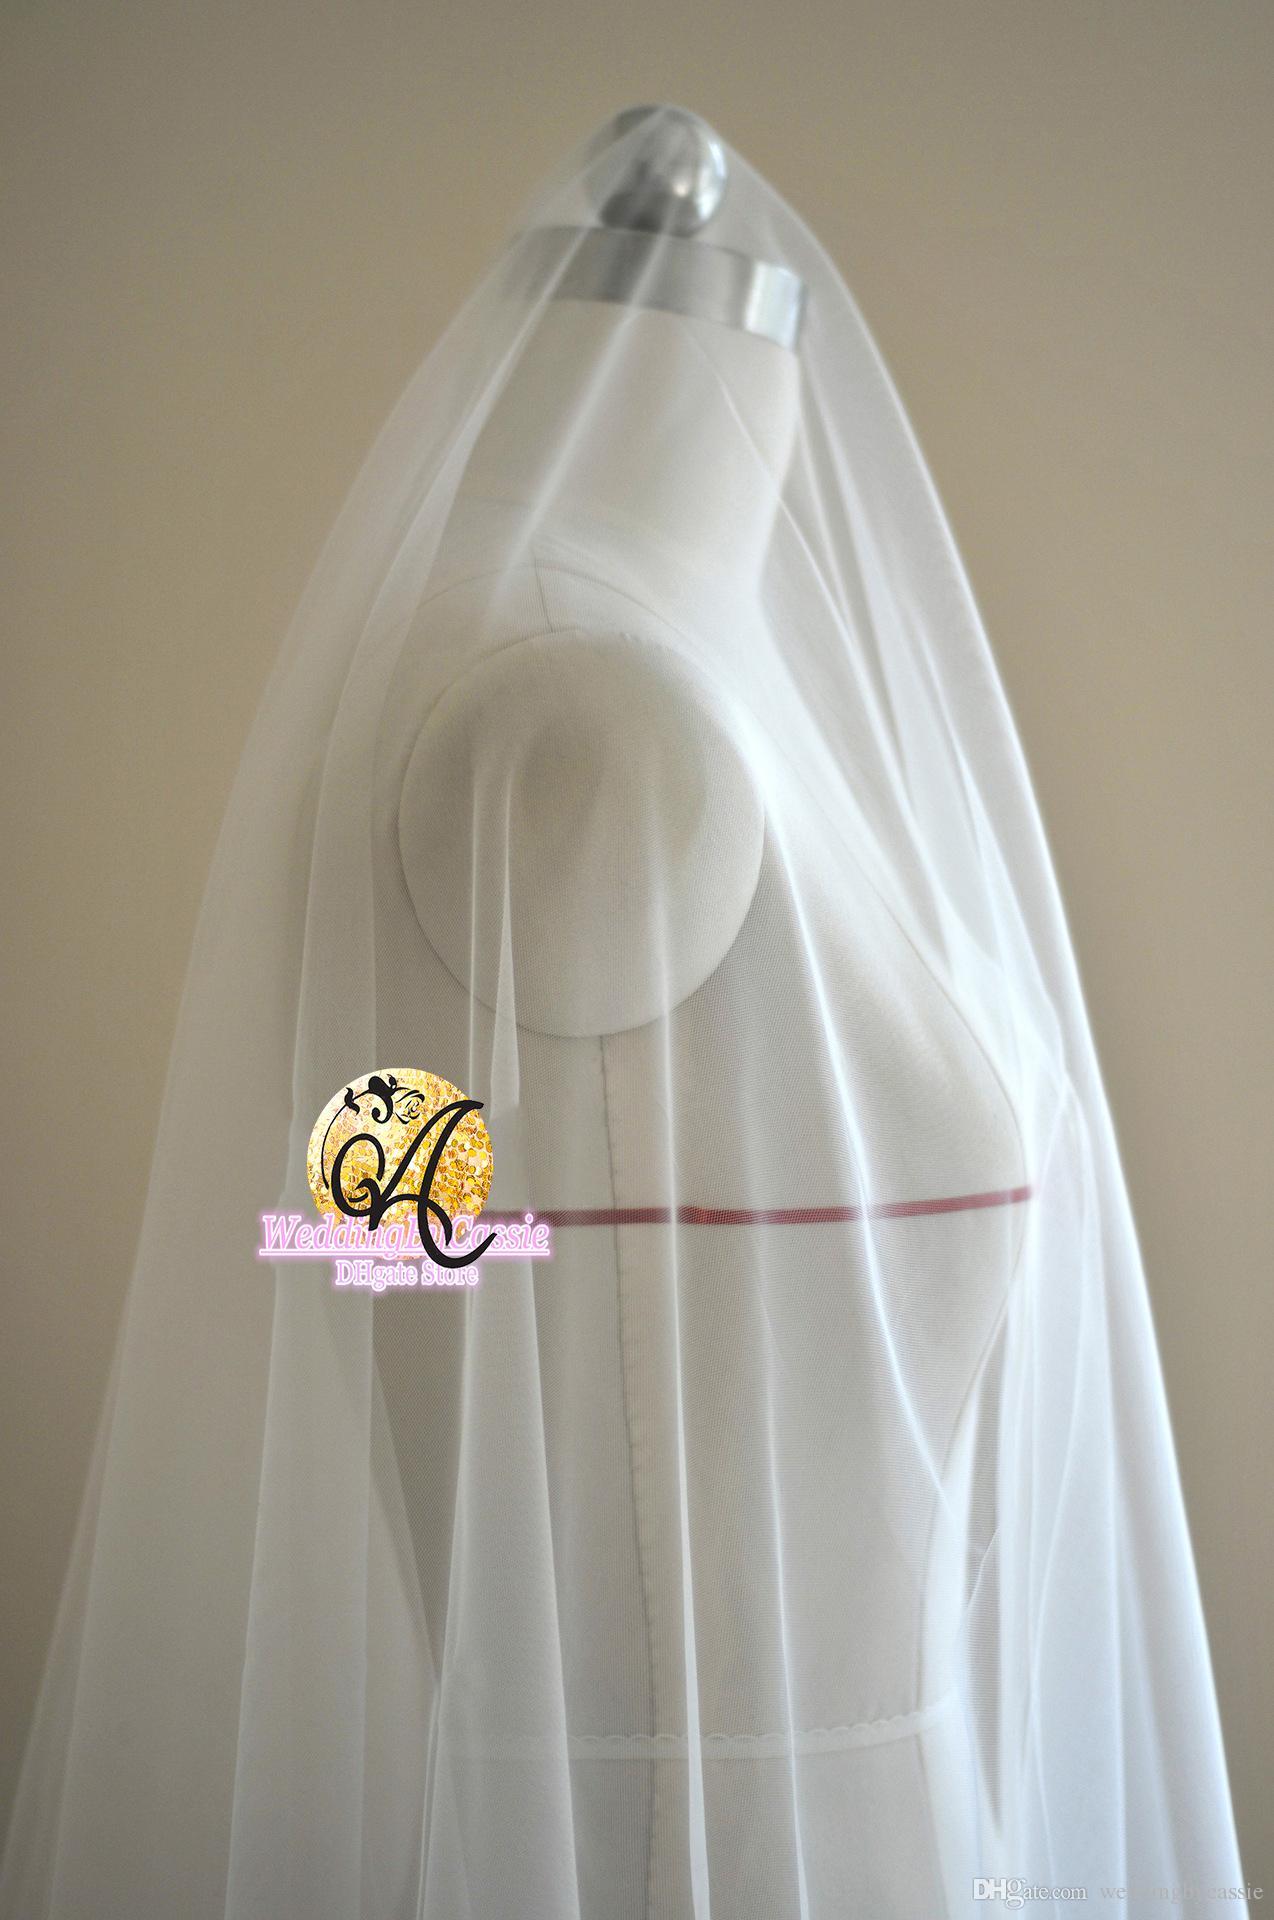 160 см ширина зональной микро-эластичный, супер мягкий и гладкий, прозрачный густо сетки свадебное платье вуаль тюль ткань SR02